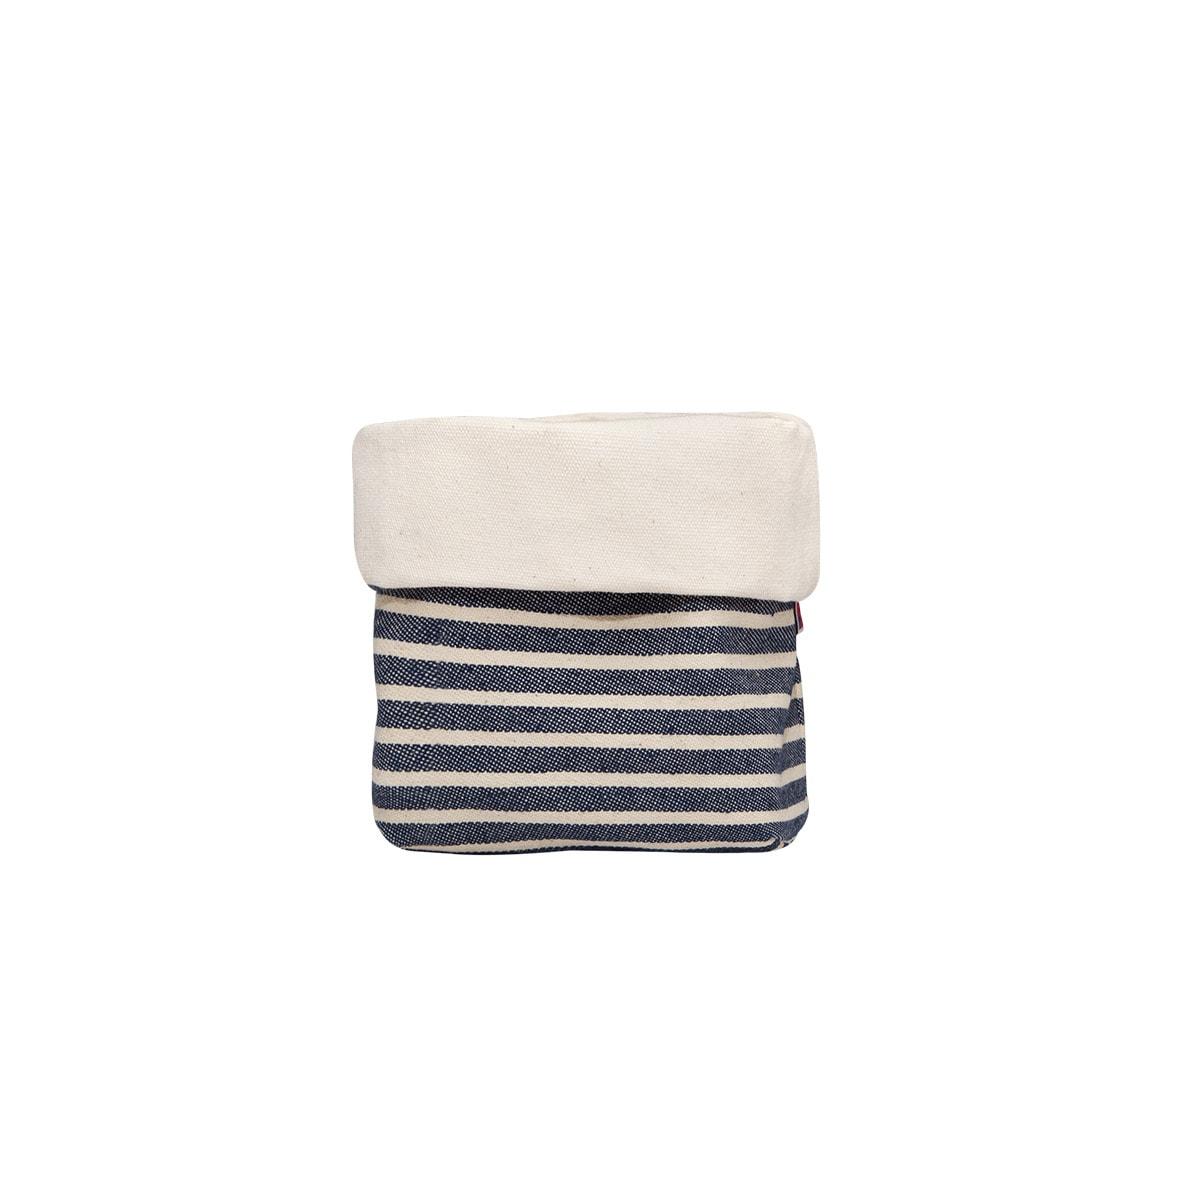 Cesto Organizador • Futon Company ® #776754 1200x1200 Acessorios Banheiro Moema